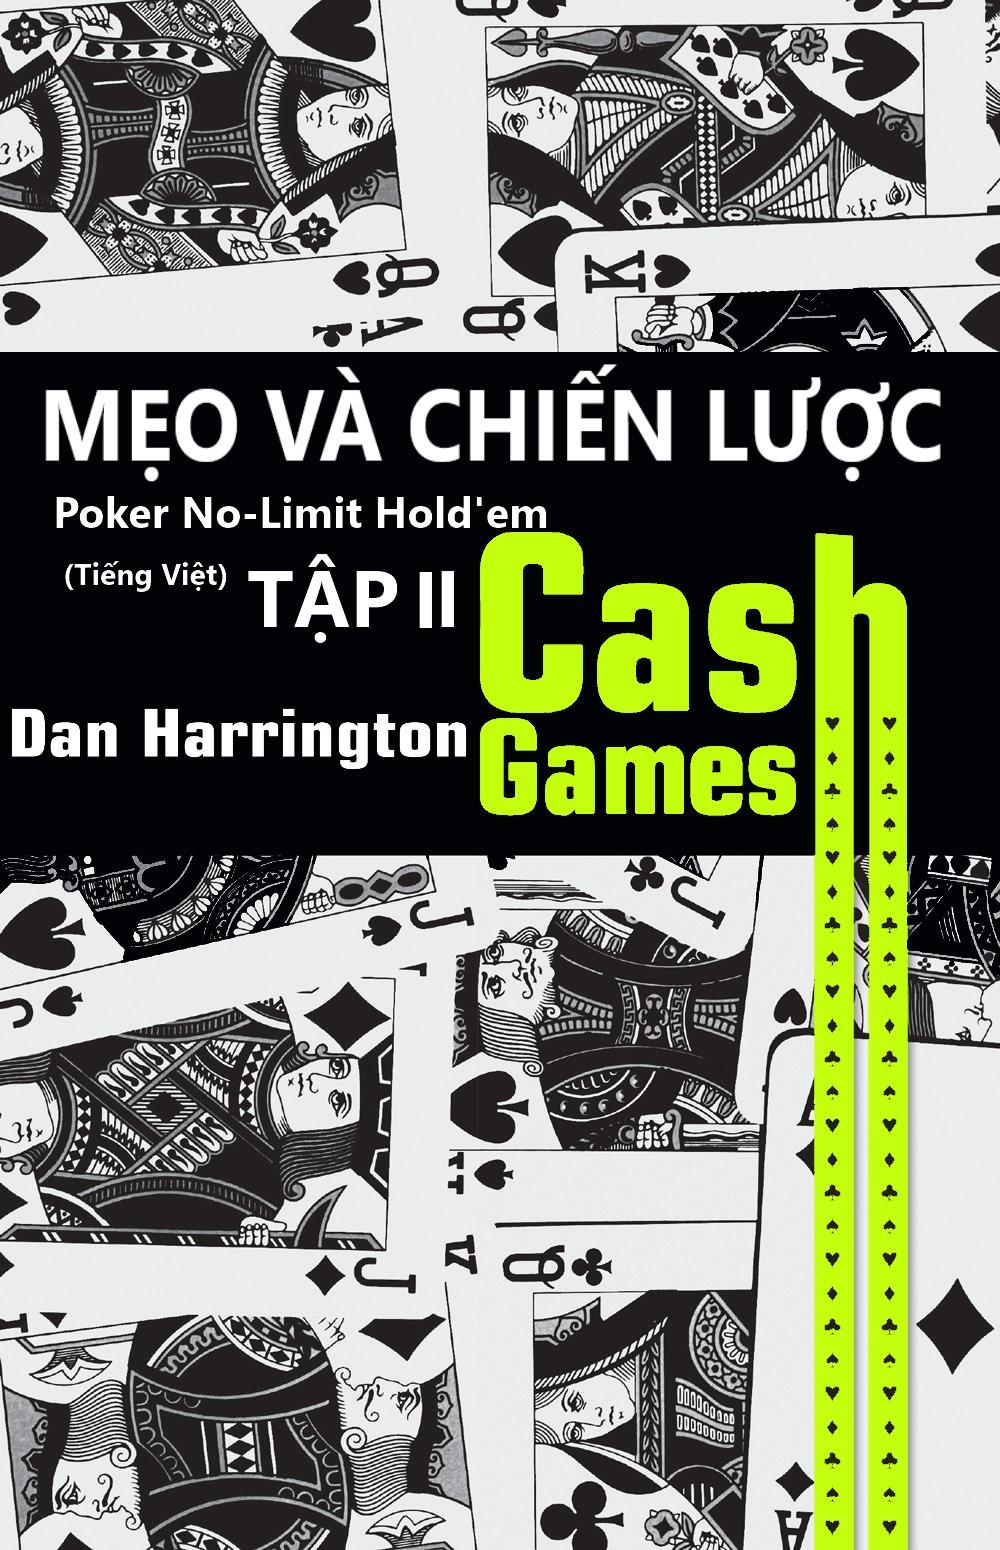 Sách Poker tiếng Việt Dan Harrington Cash Game – Tập 2